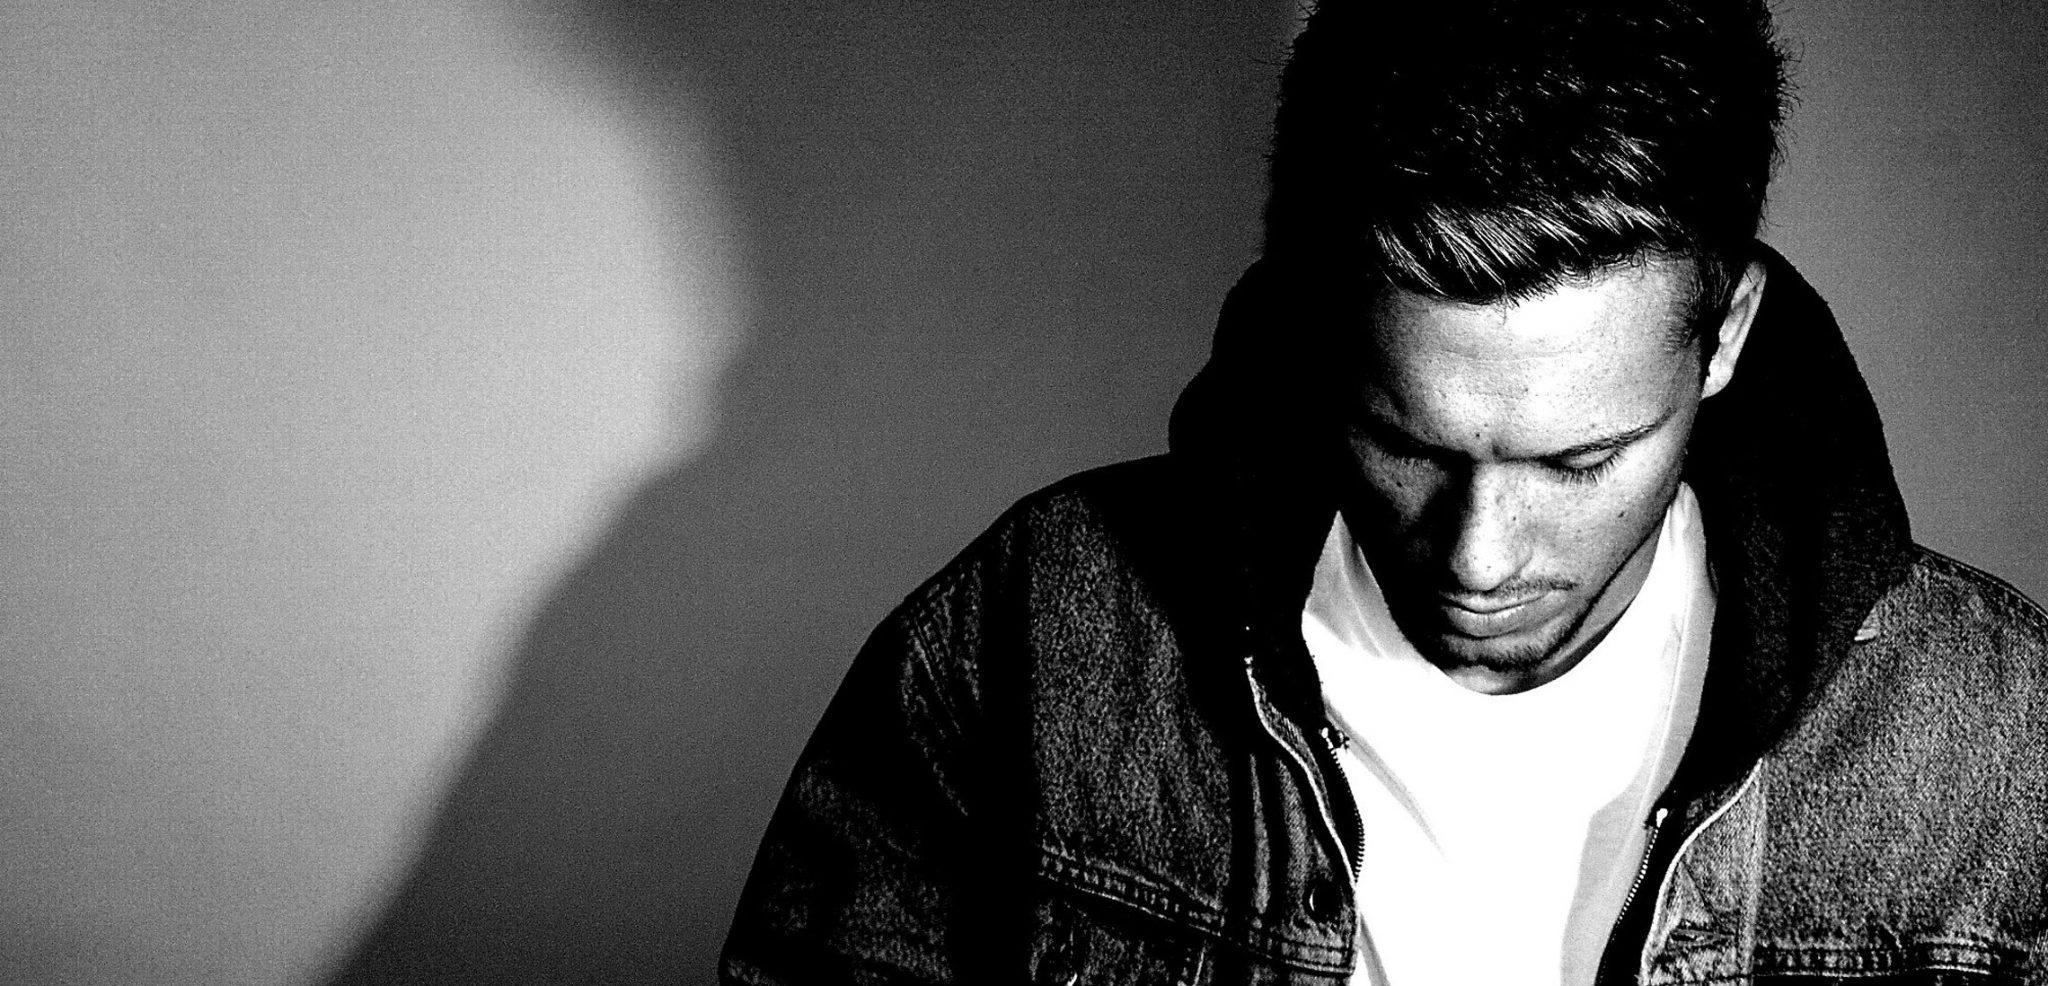 Jonny Cade - Get Off My EP hero